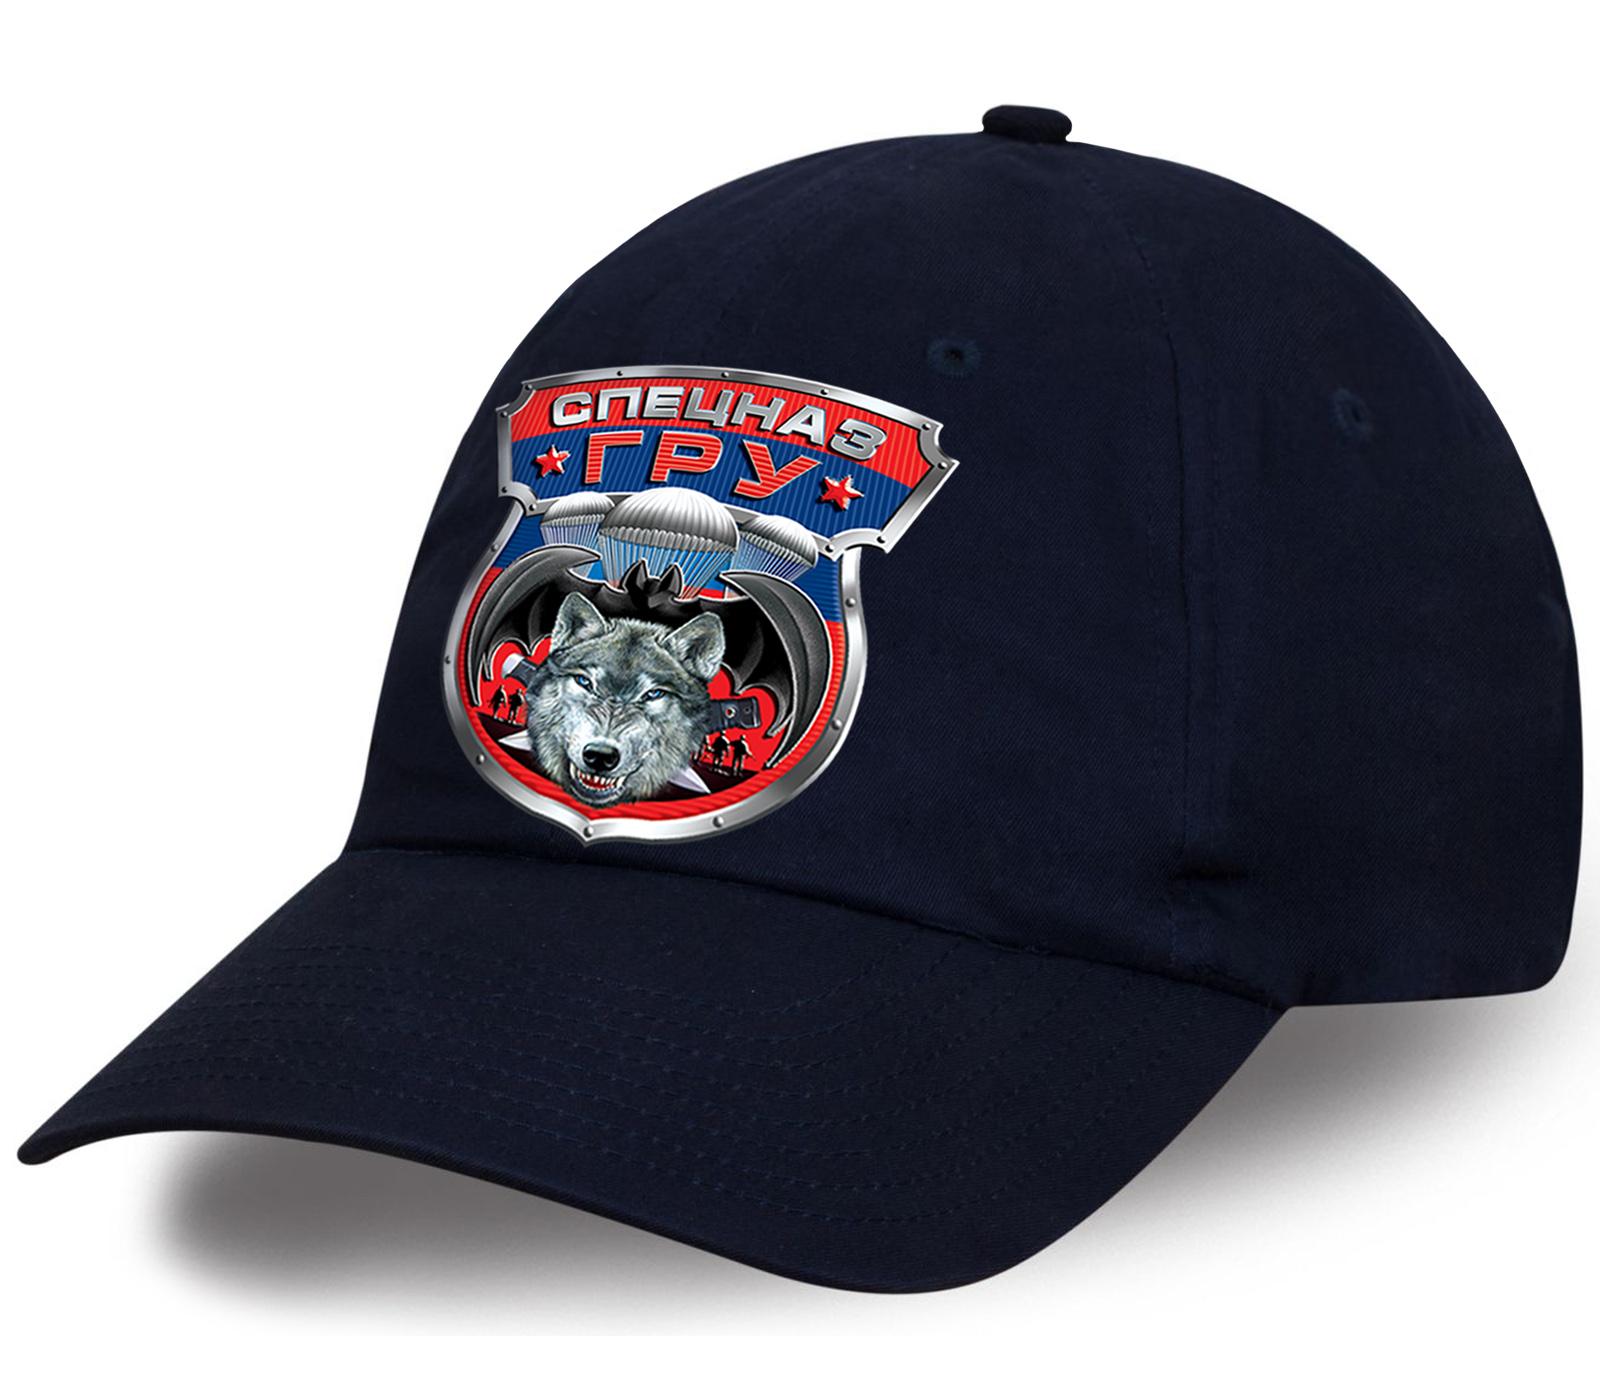 Эксклюзивная темно-синяя кепка с авторским принтом «Спецназ ГРУ с волком» от Военпро. Дорогой подарок для любимого мужчины. Покупайте лучшее!